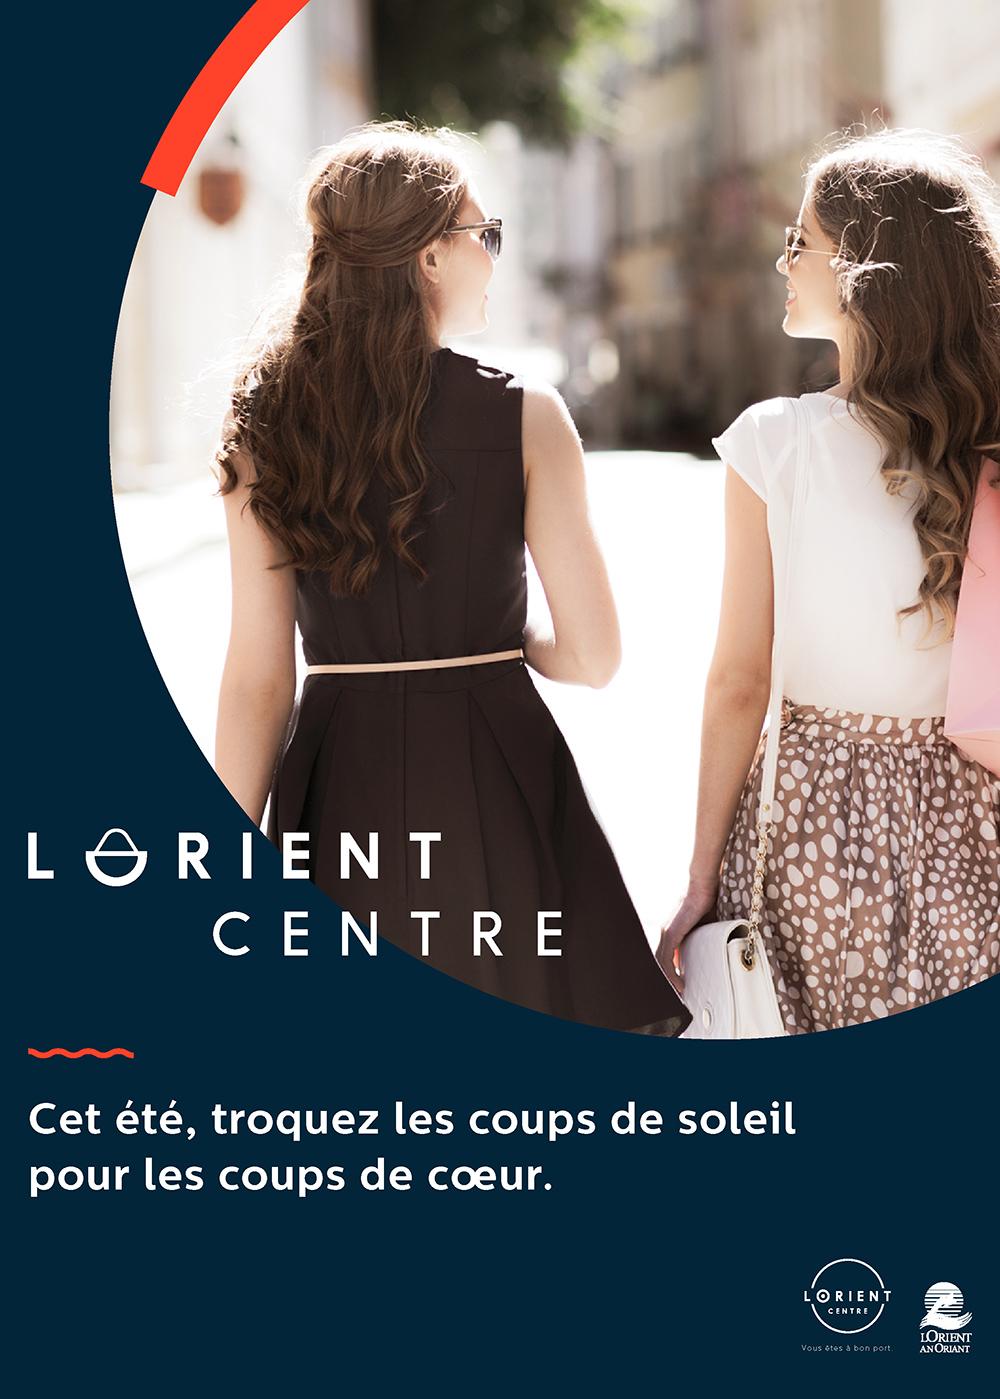 lorient-centre-ville-campagne-communication-2-2